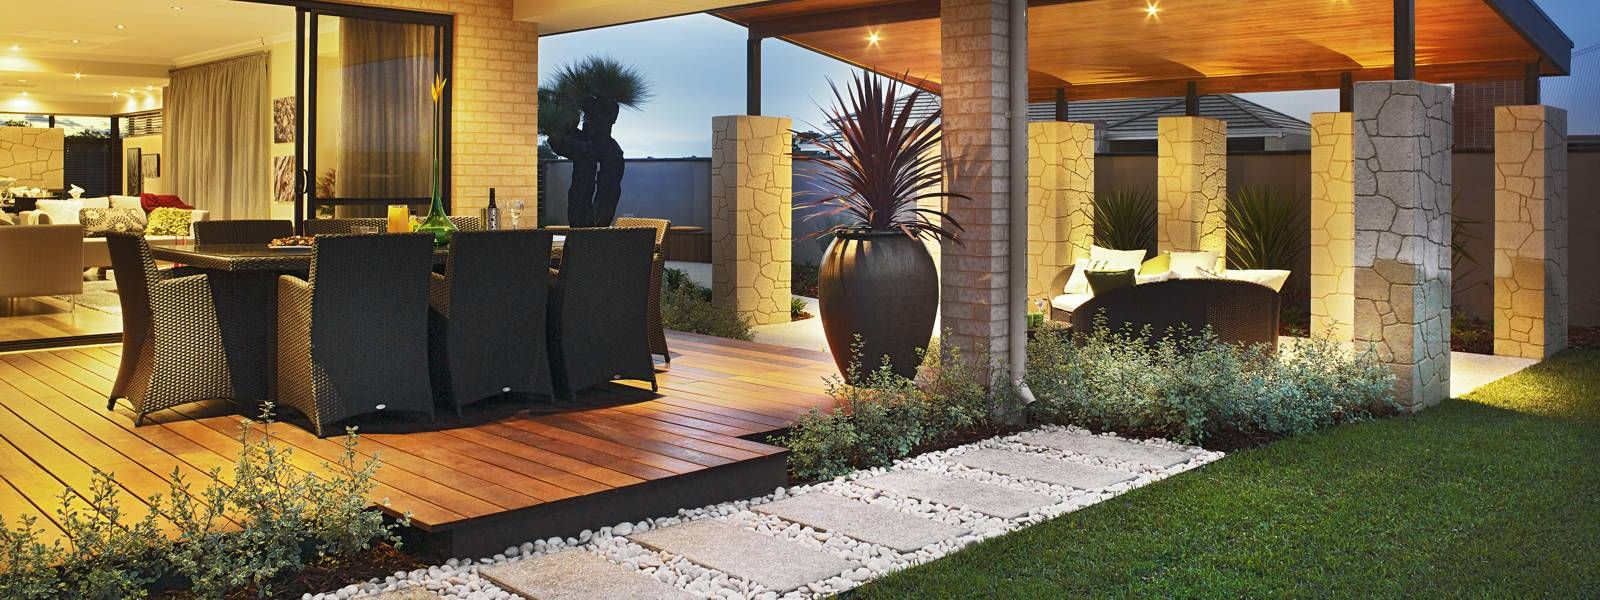 BACKYARD GARDEN DESIGNS PERTH Front garden design